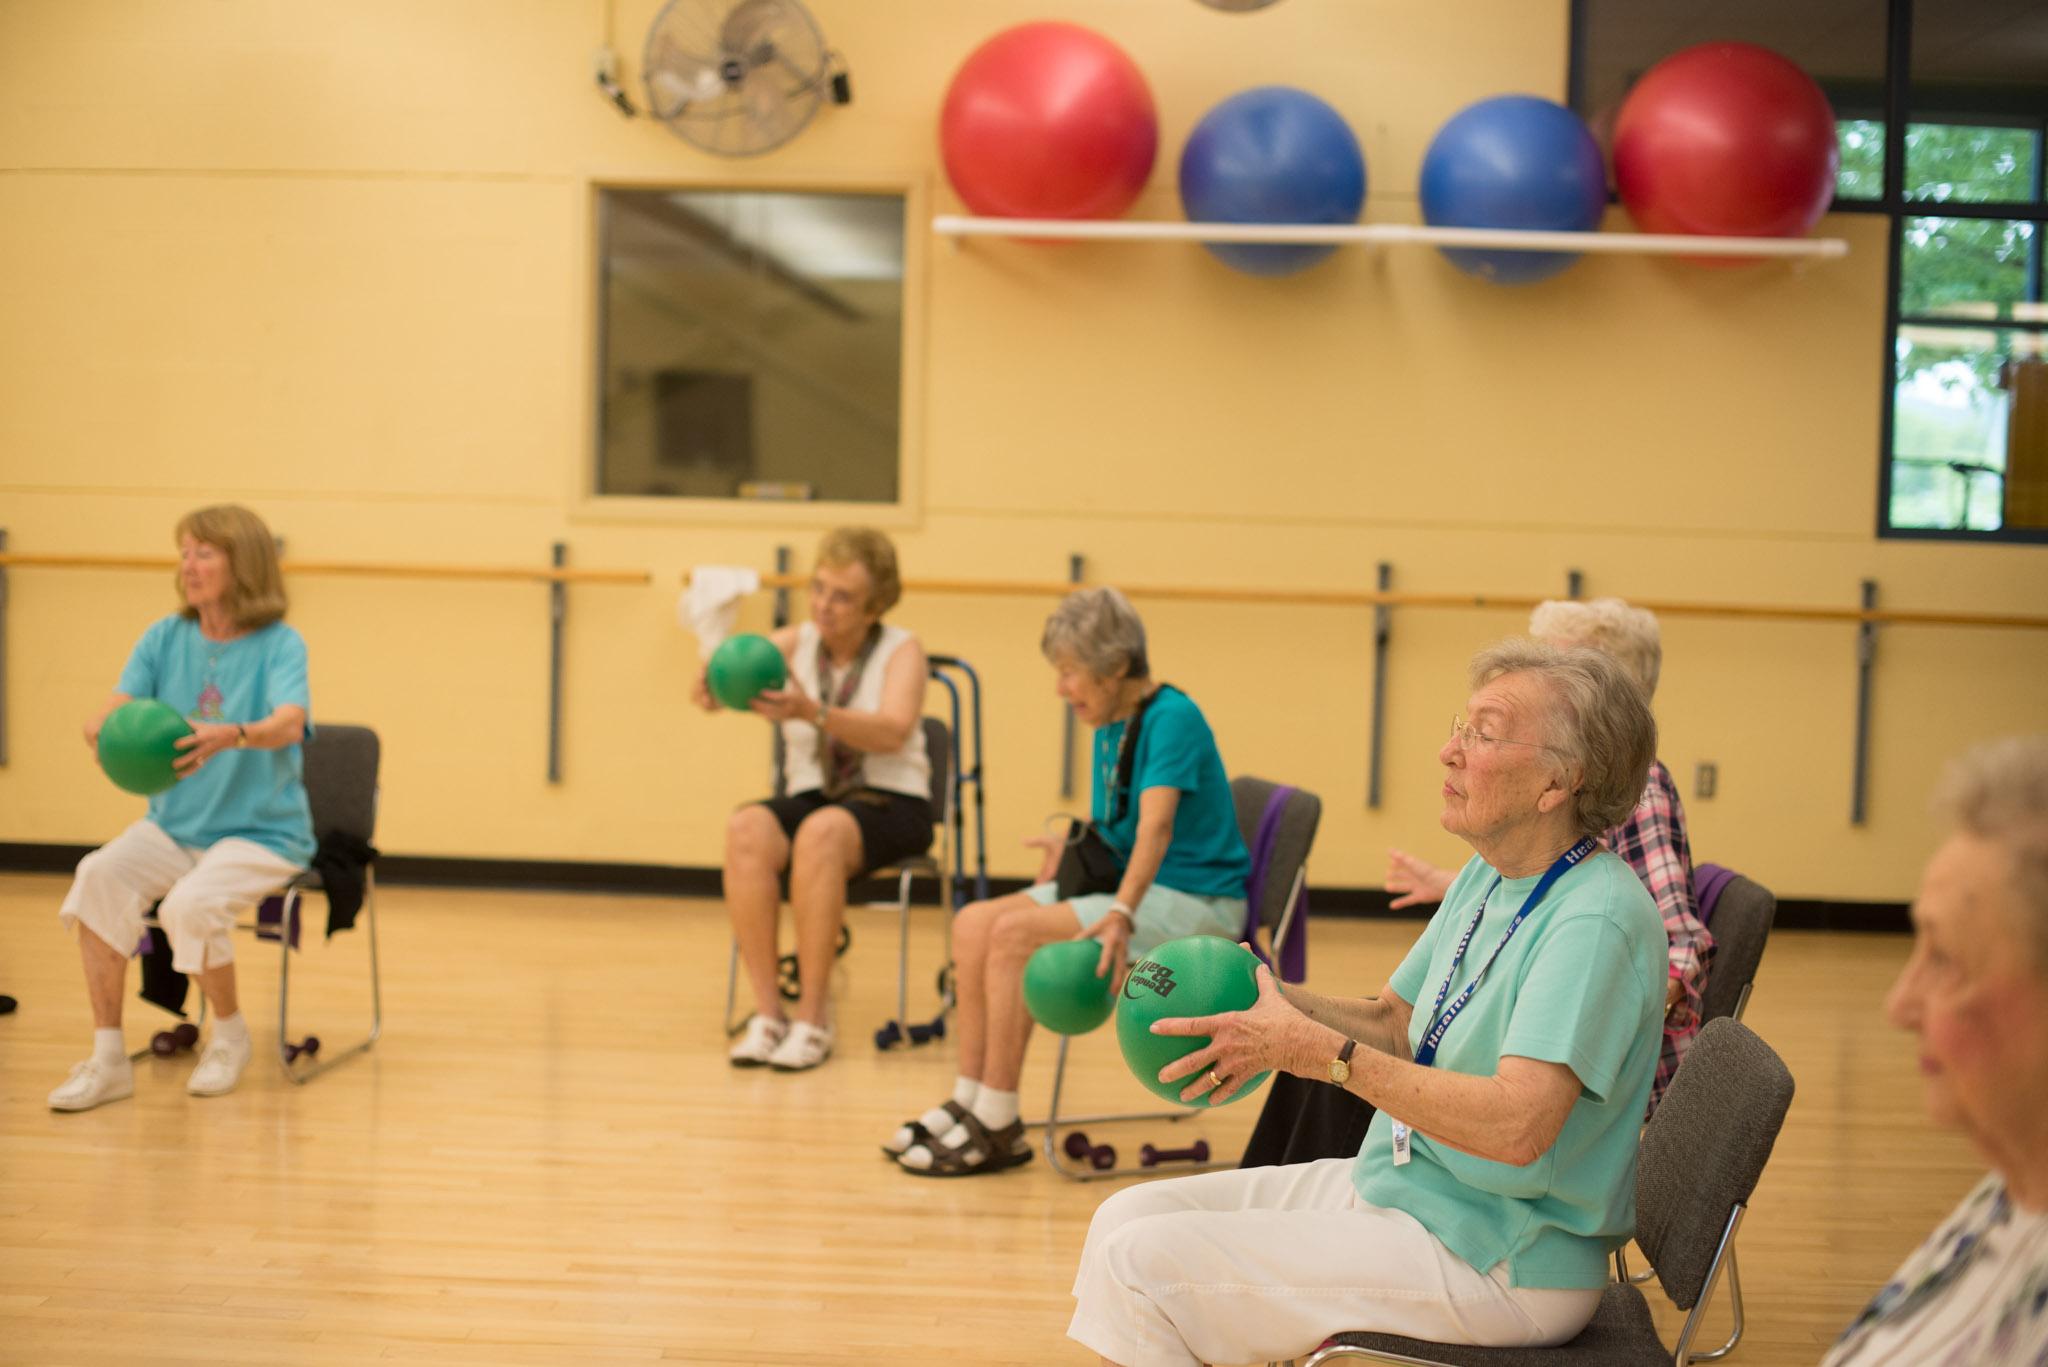 Wellness Center Stock Photos-1035.jpg